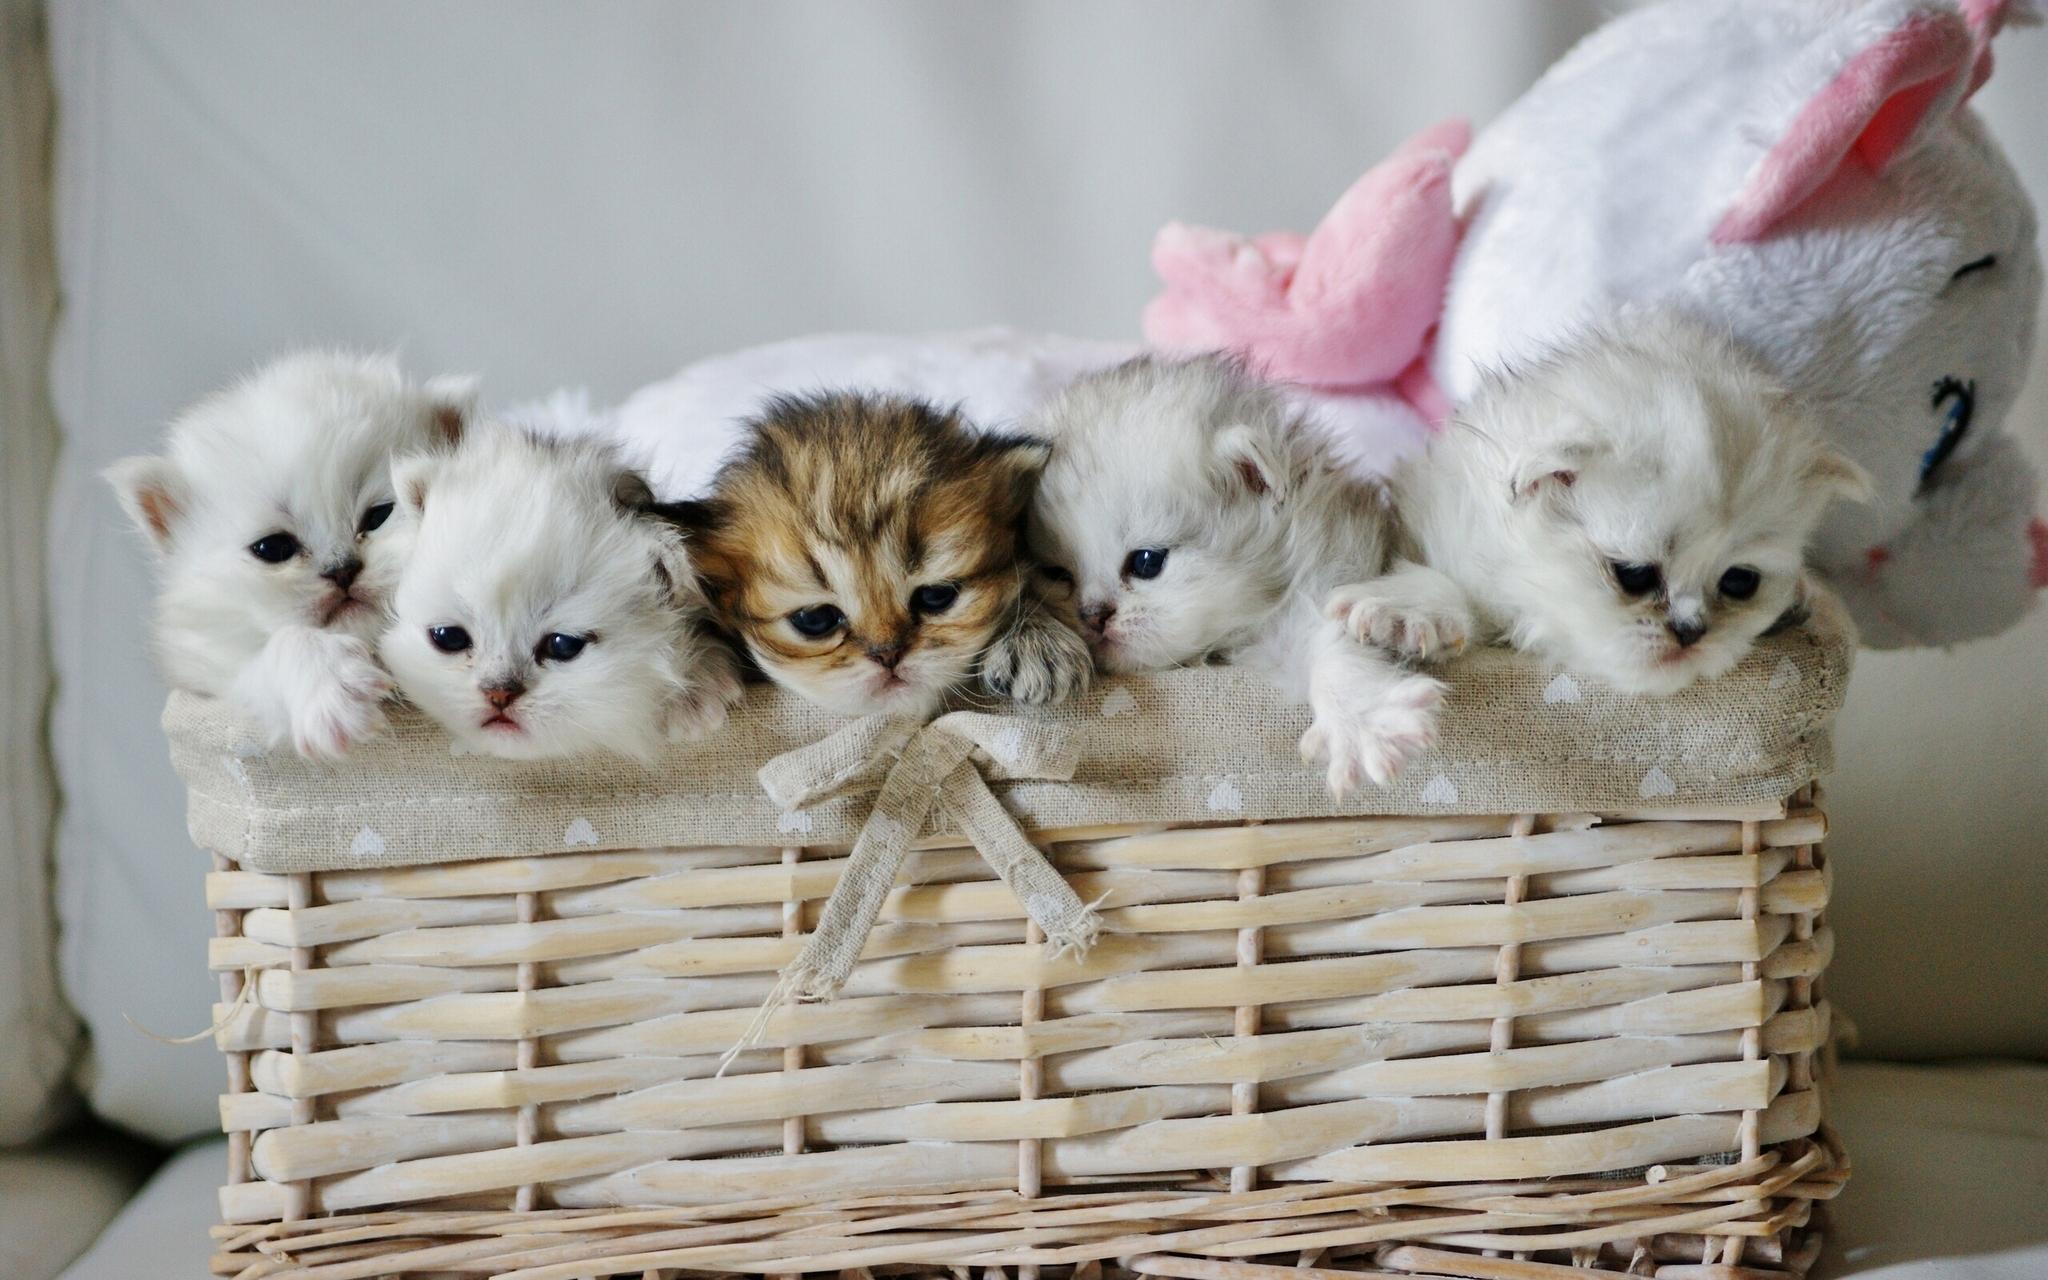 84108 Hintergrundbild herunterladen Tiere, Spielzeug, Kätzchen, Süß, Korb, Niedlich - Bildschirmschoner und Bilder kostenlos